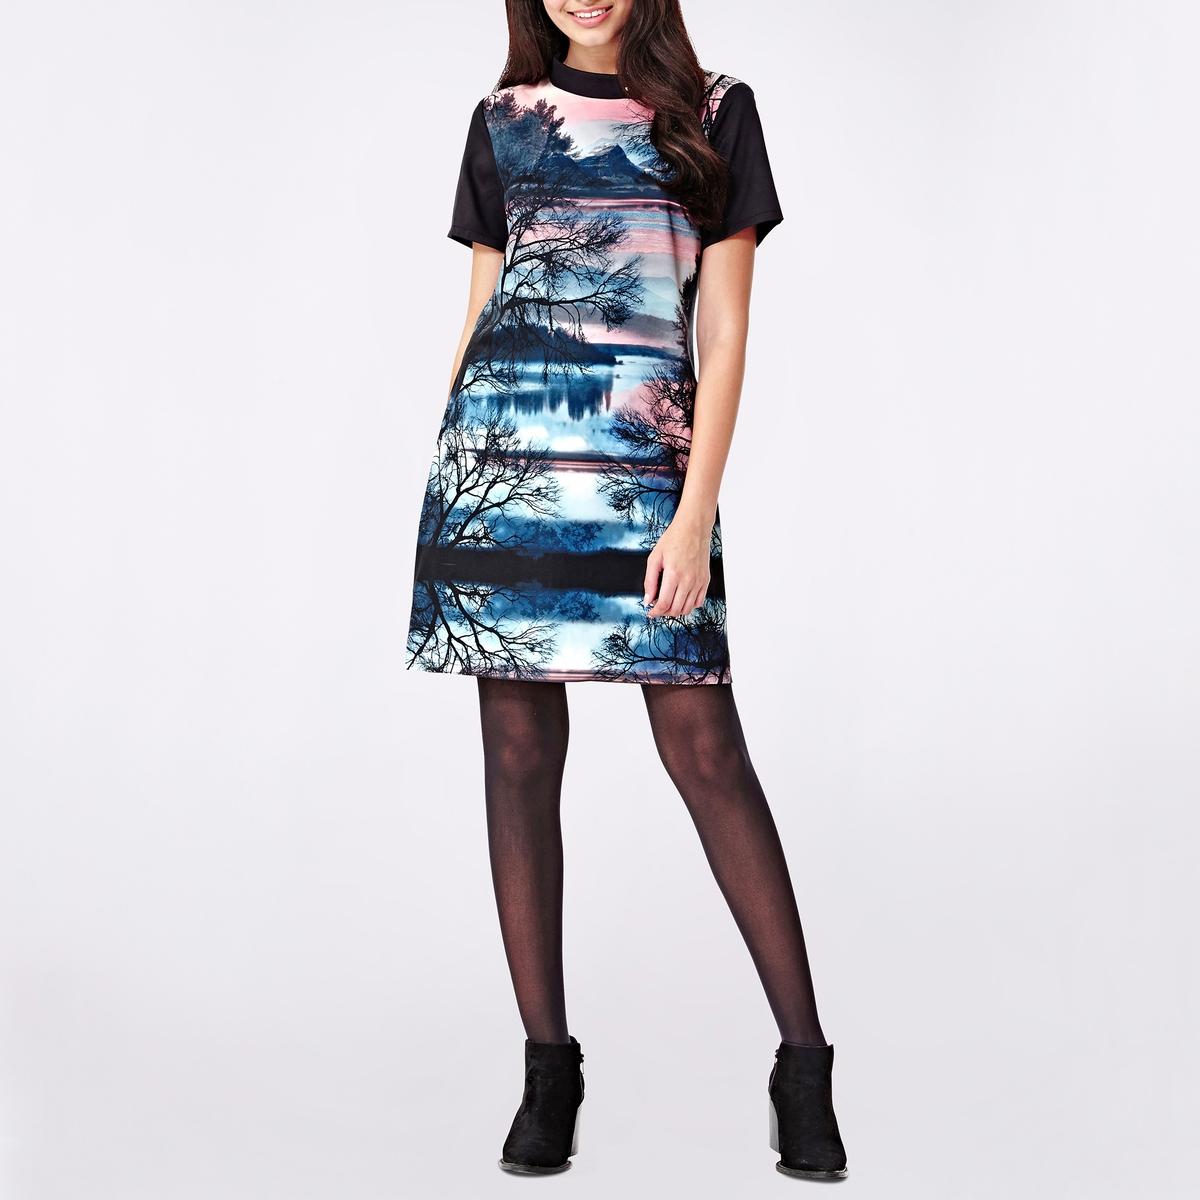 Платье с круглым вырезом и короткими рукавами, с рисункомСостав и описание :Материал : 100% полиэстера.Марка : YUMIУход- Стирать при 30°C с вещами схожих цветов- Стирать и гладить с изнанки<br><br>Цвет: набивной рисунок<br>Размер: 40 (FR) - 46 (RUS)